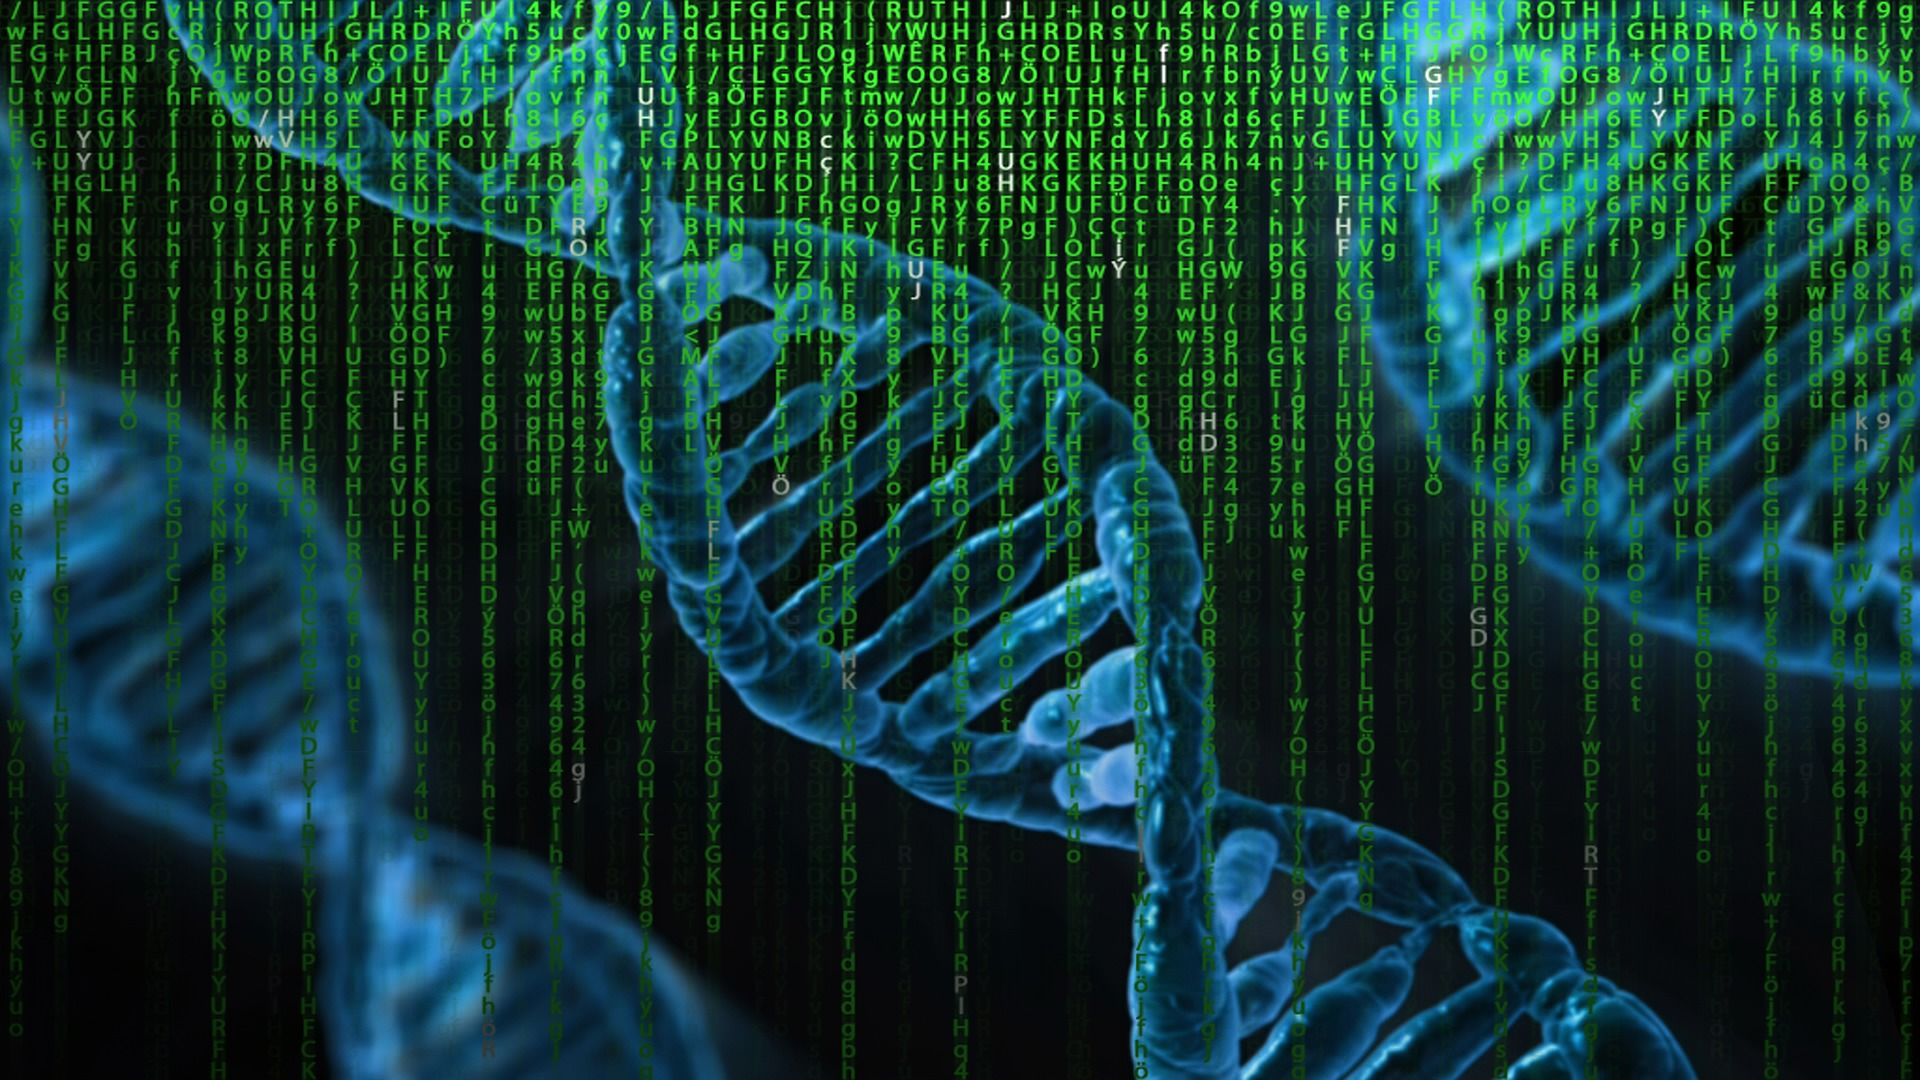 Extenden DNA Clearing, Upgrade & Activatie